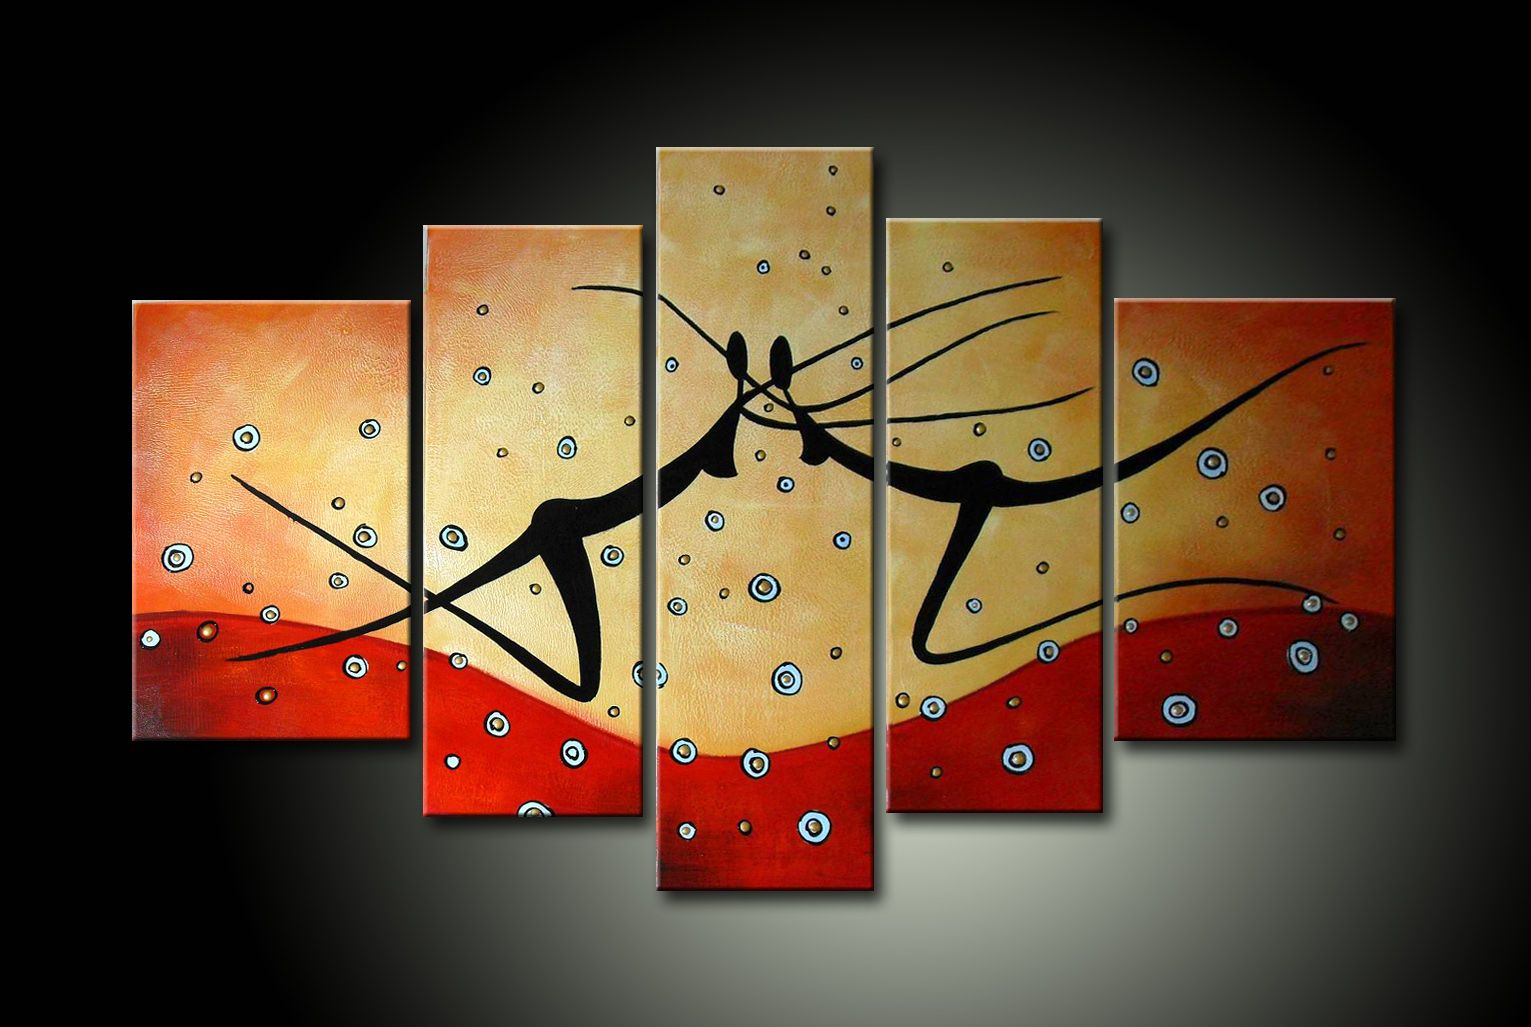 Cuadros abstractos modernos pintura en cuadro arte moderno - Ideas para pintar cuadros ...